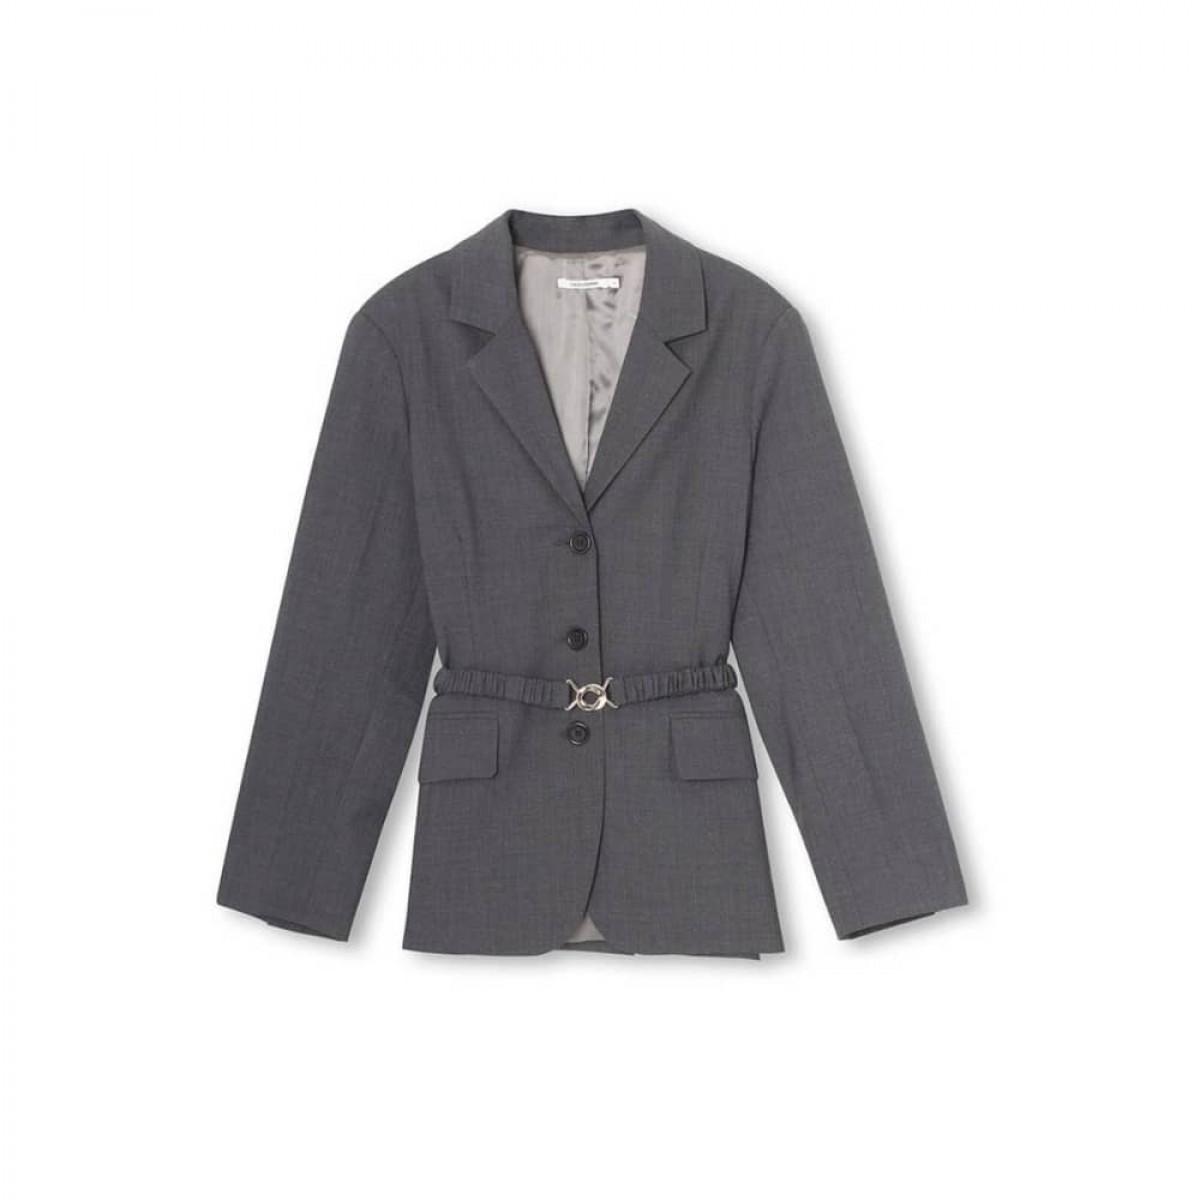 emili jacket - black - front